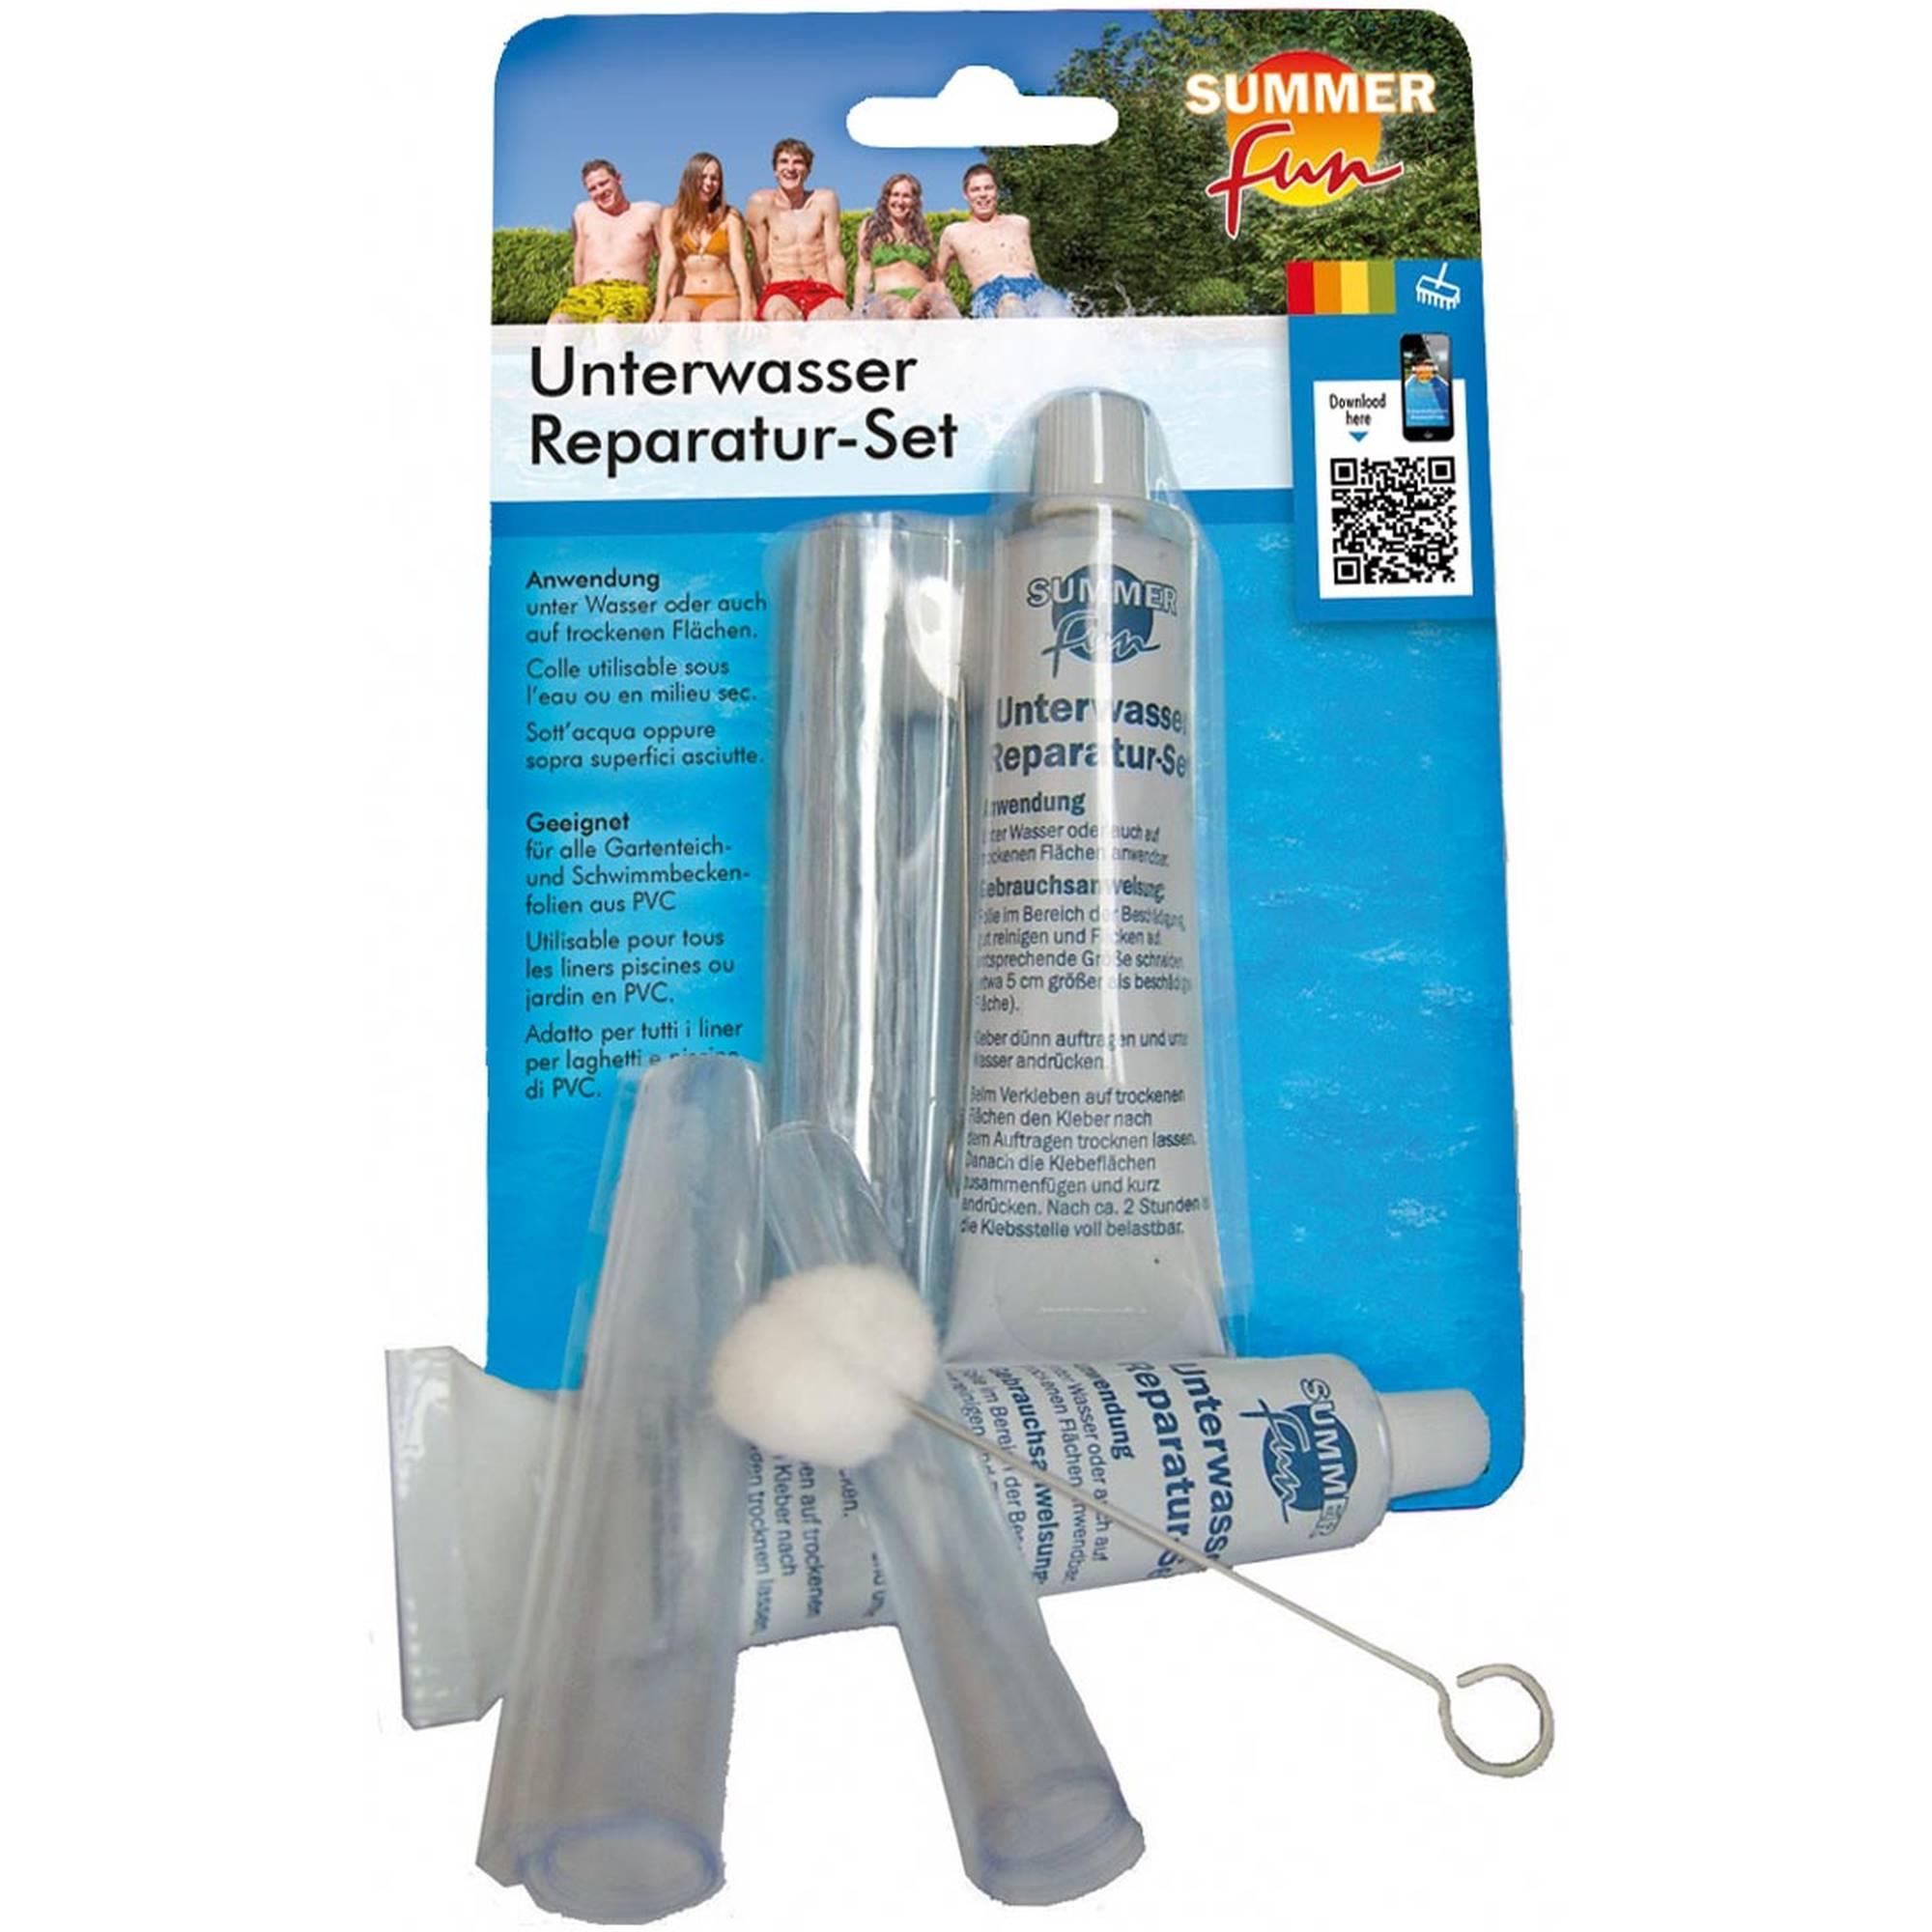 Unterwasser-Reparaturset Summer Fun